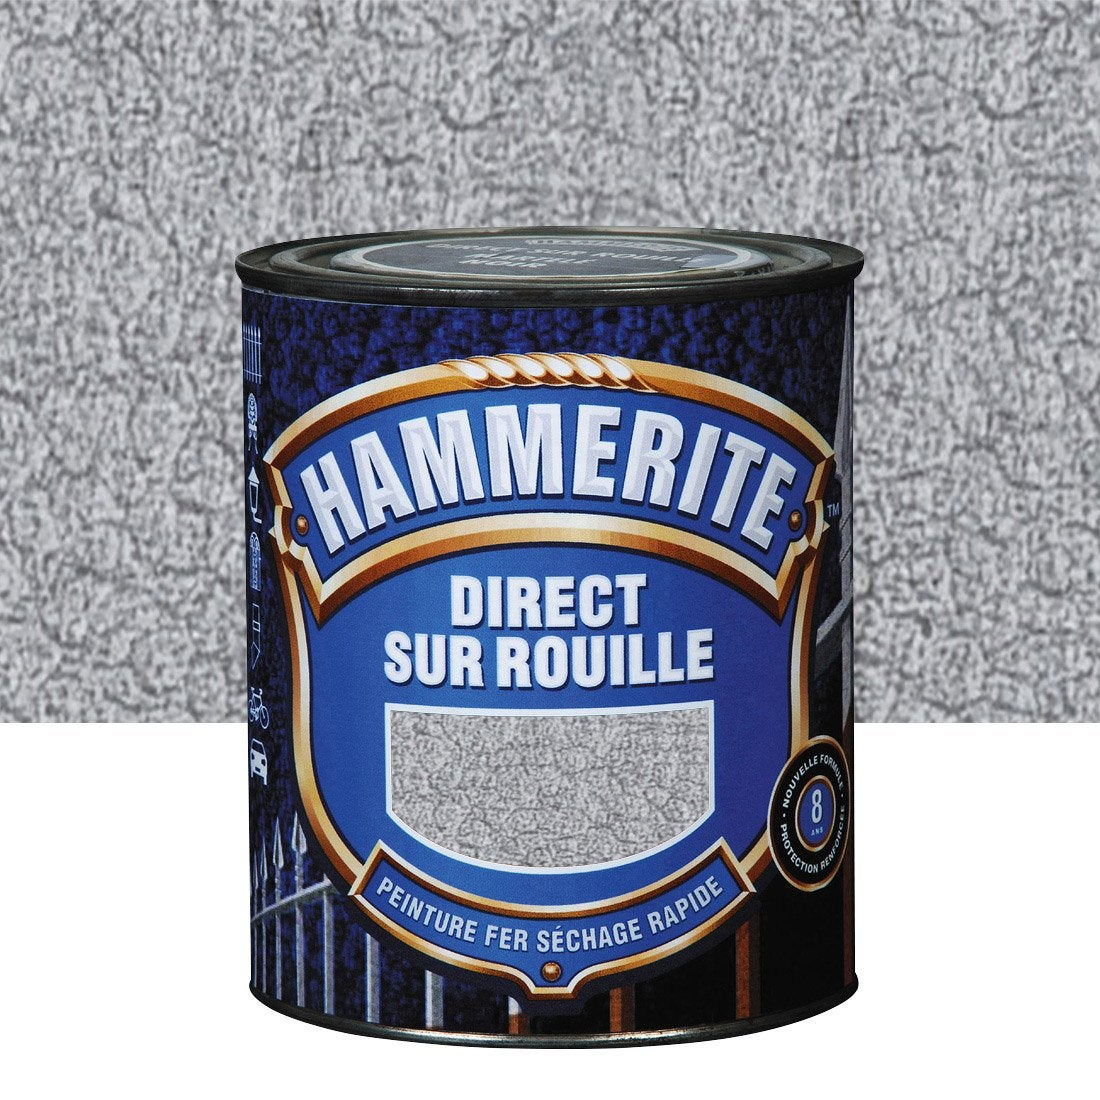 Peinture fer ext rieur hammerite gris argent l leroy merlin - Leroy merlin peinture fer ...